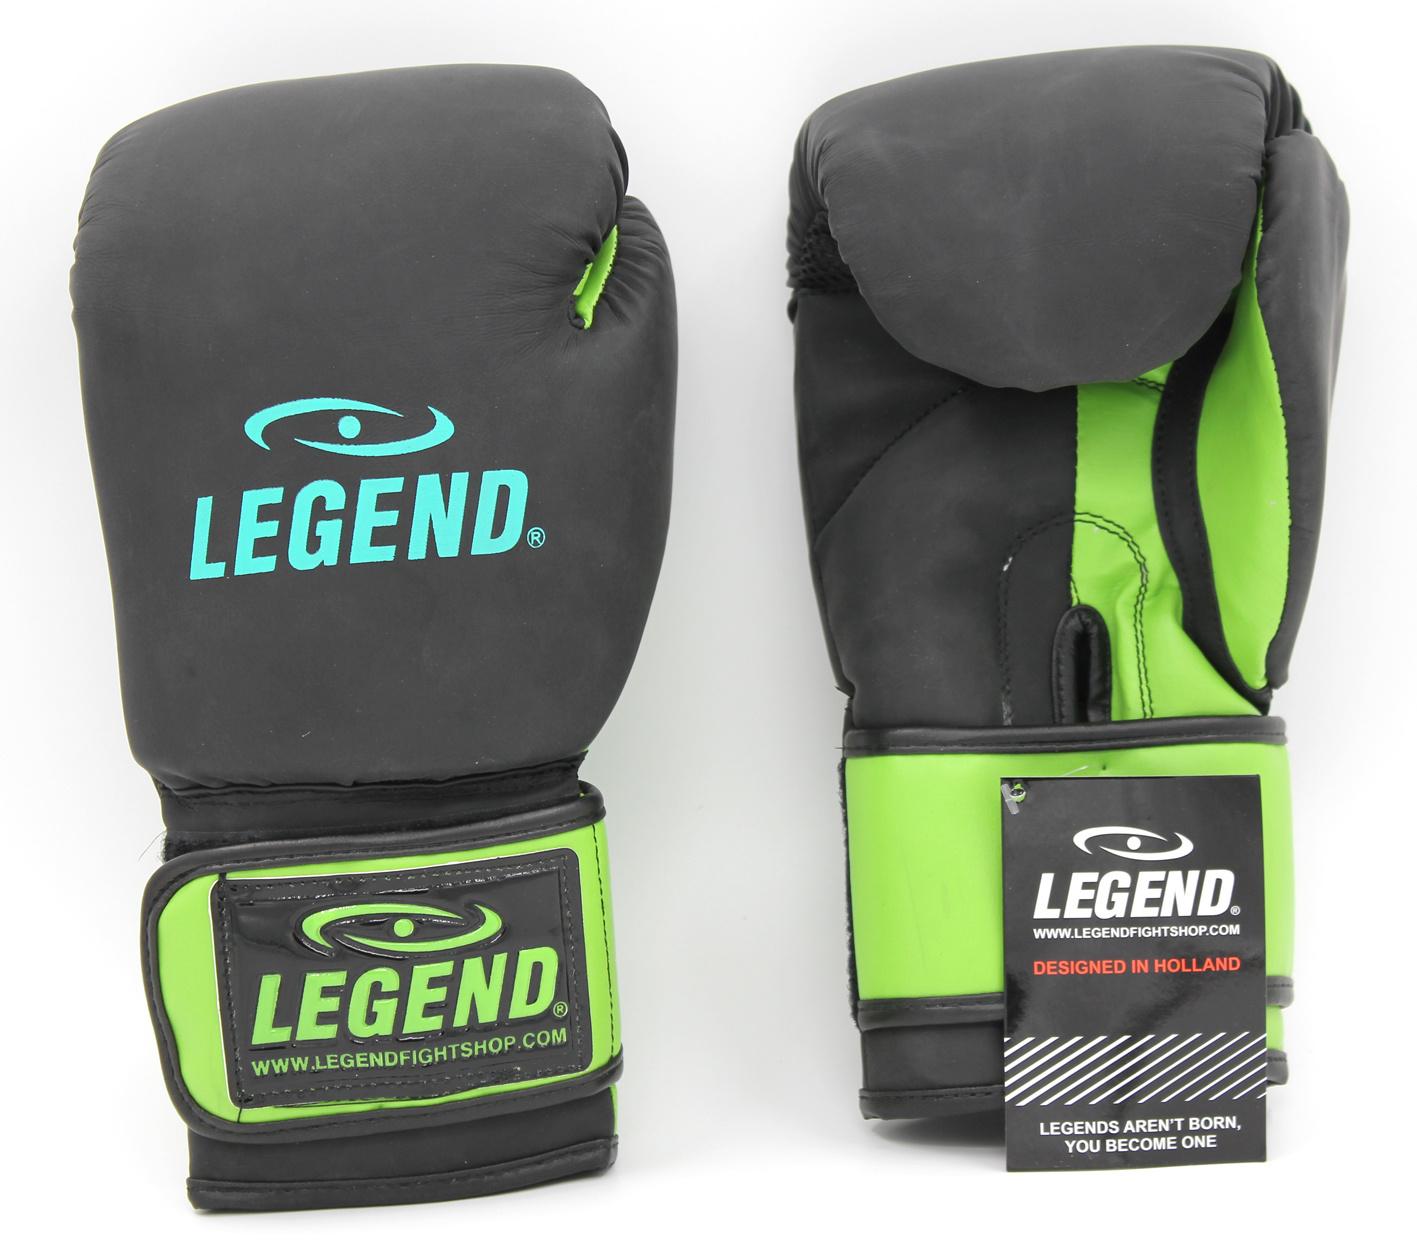 Bokshandschoenen LegendDry & Protect Mat zwart/groen